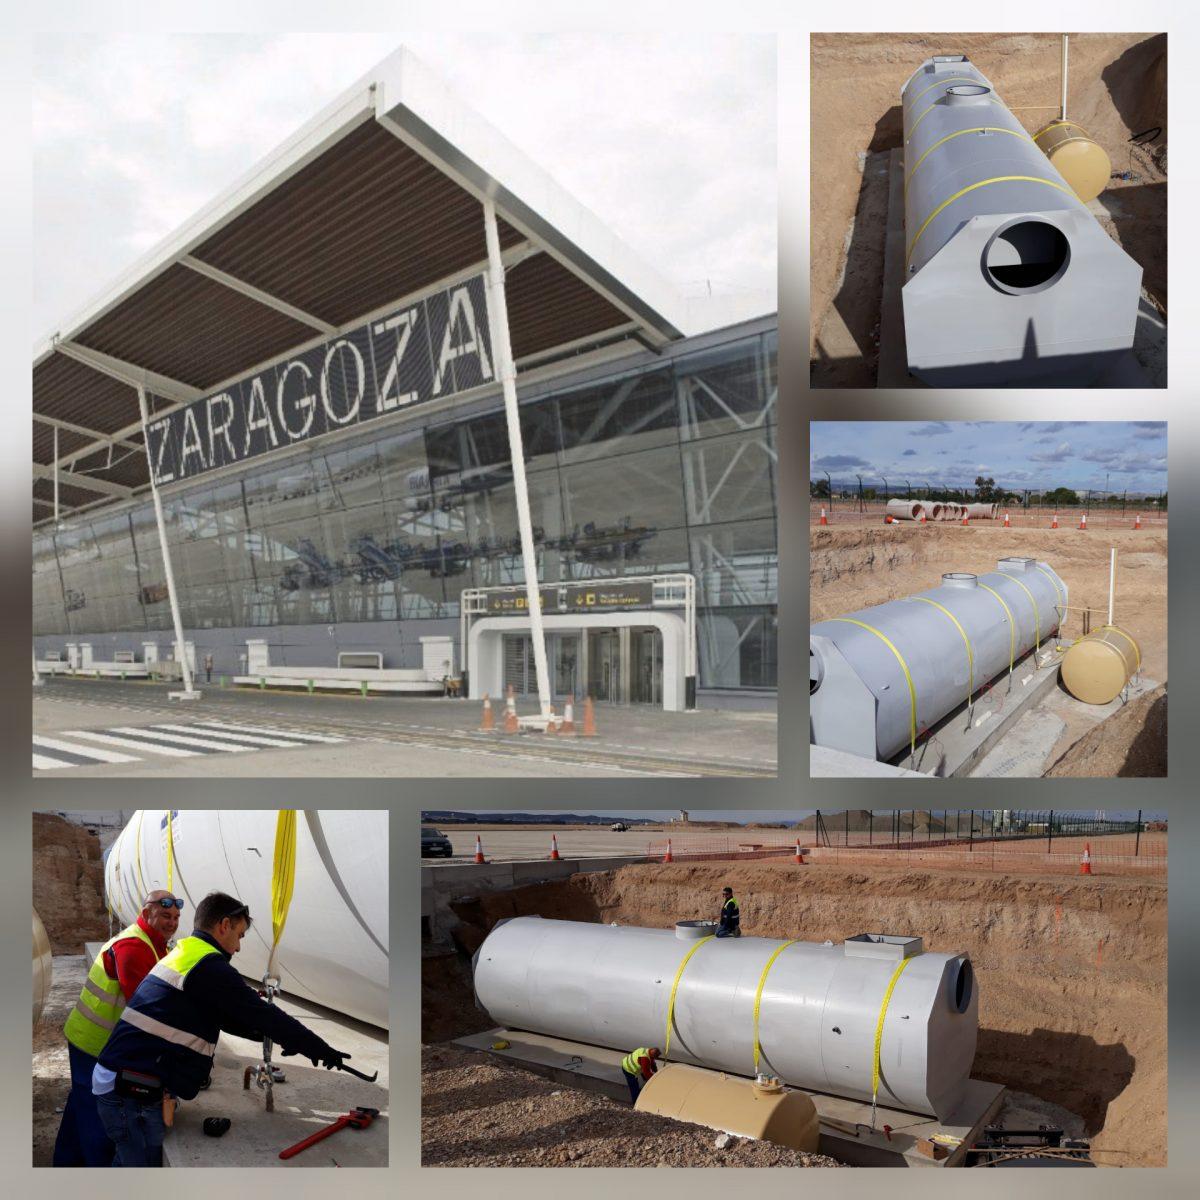 Suministramos nueva línea Separación de Hidrocarburos para la ampliación del Aeropuerto de Zaragoza.